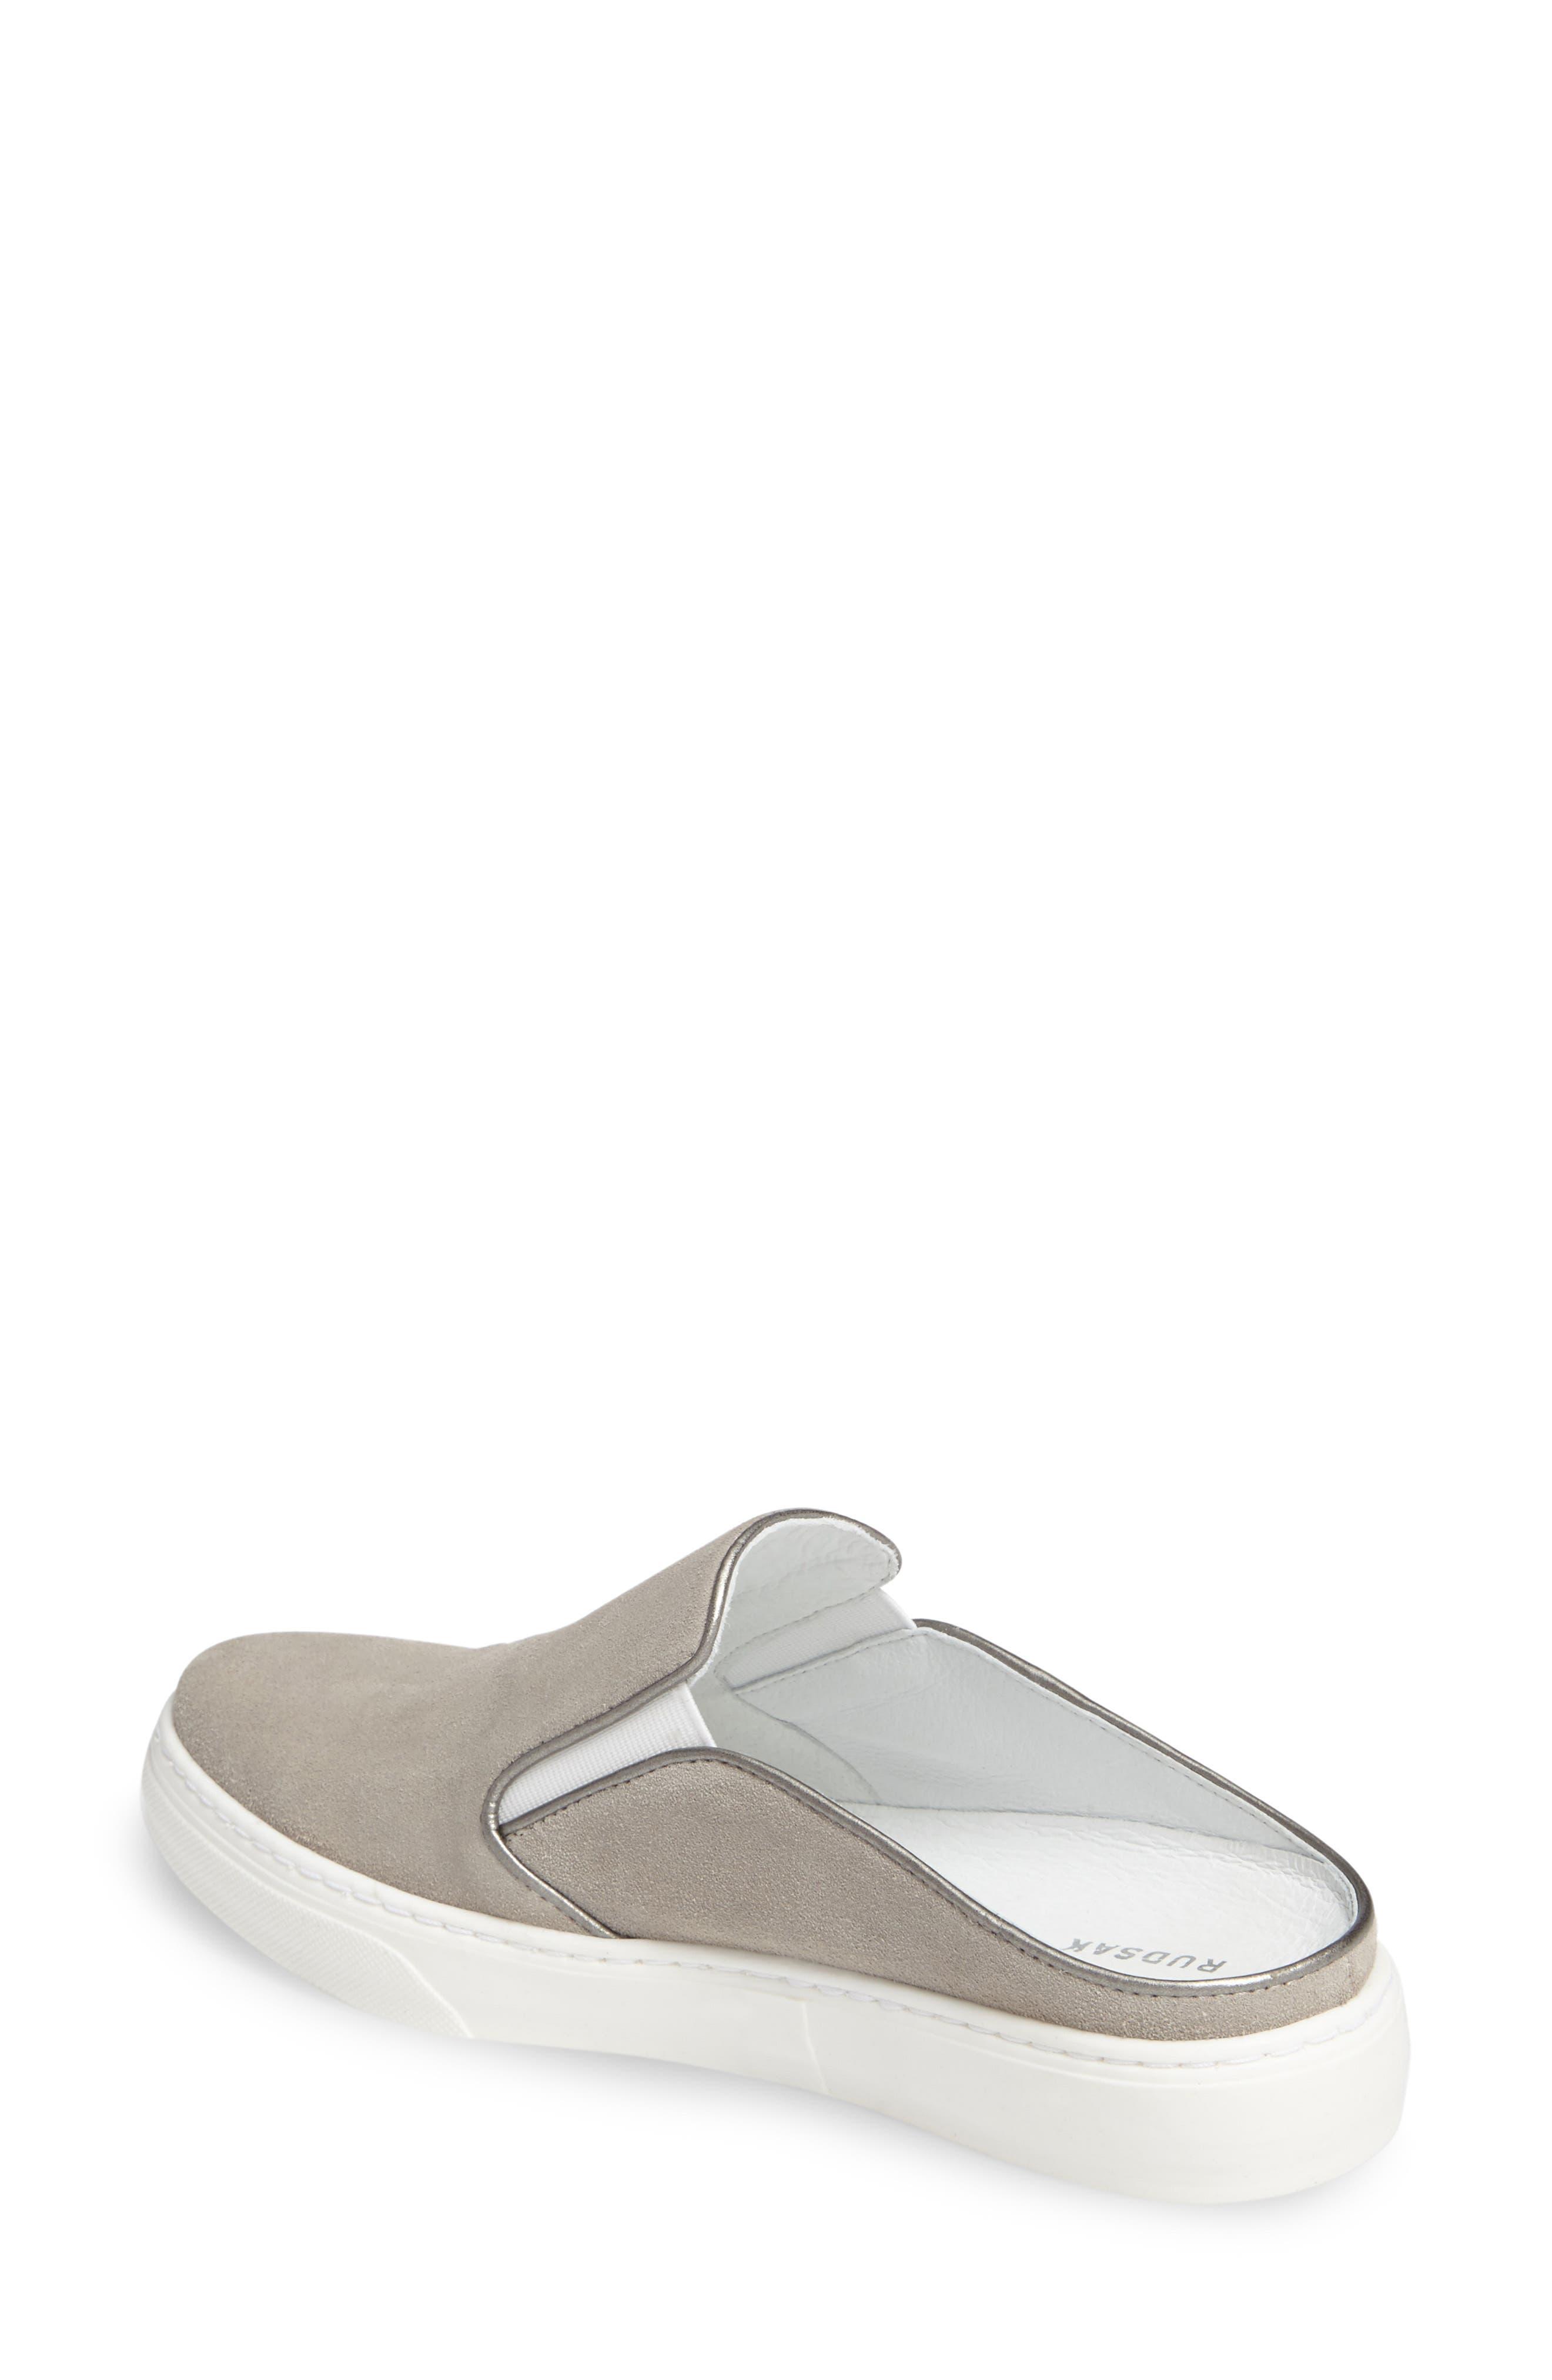 Alternate Image 2  - Rudsak Balbina Slide Sneaker (Women)